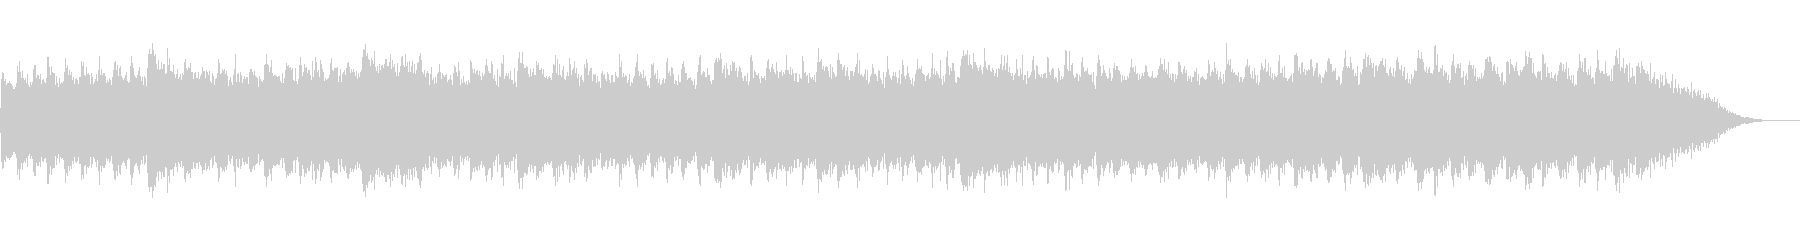 背景音(ホラー 2) の未再生の波形